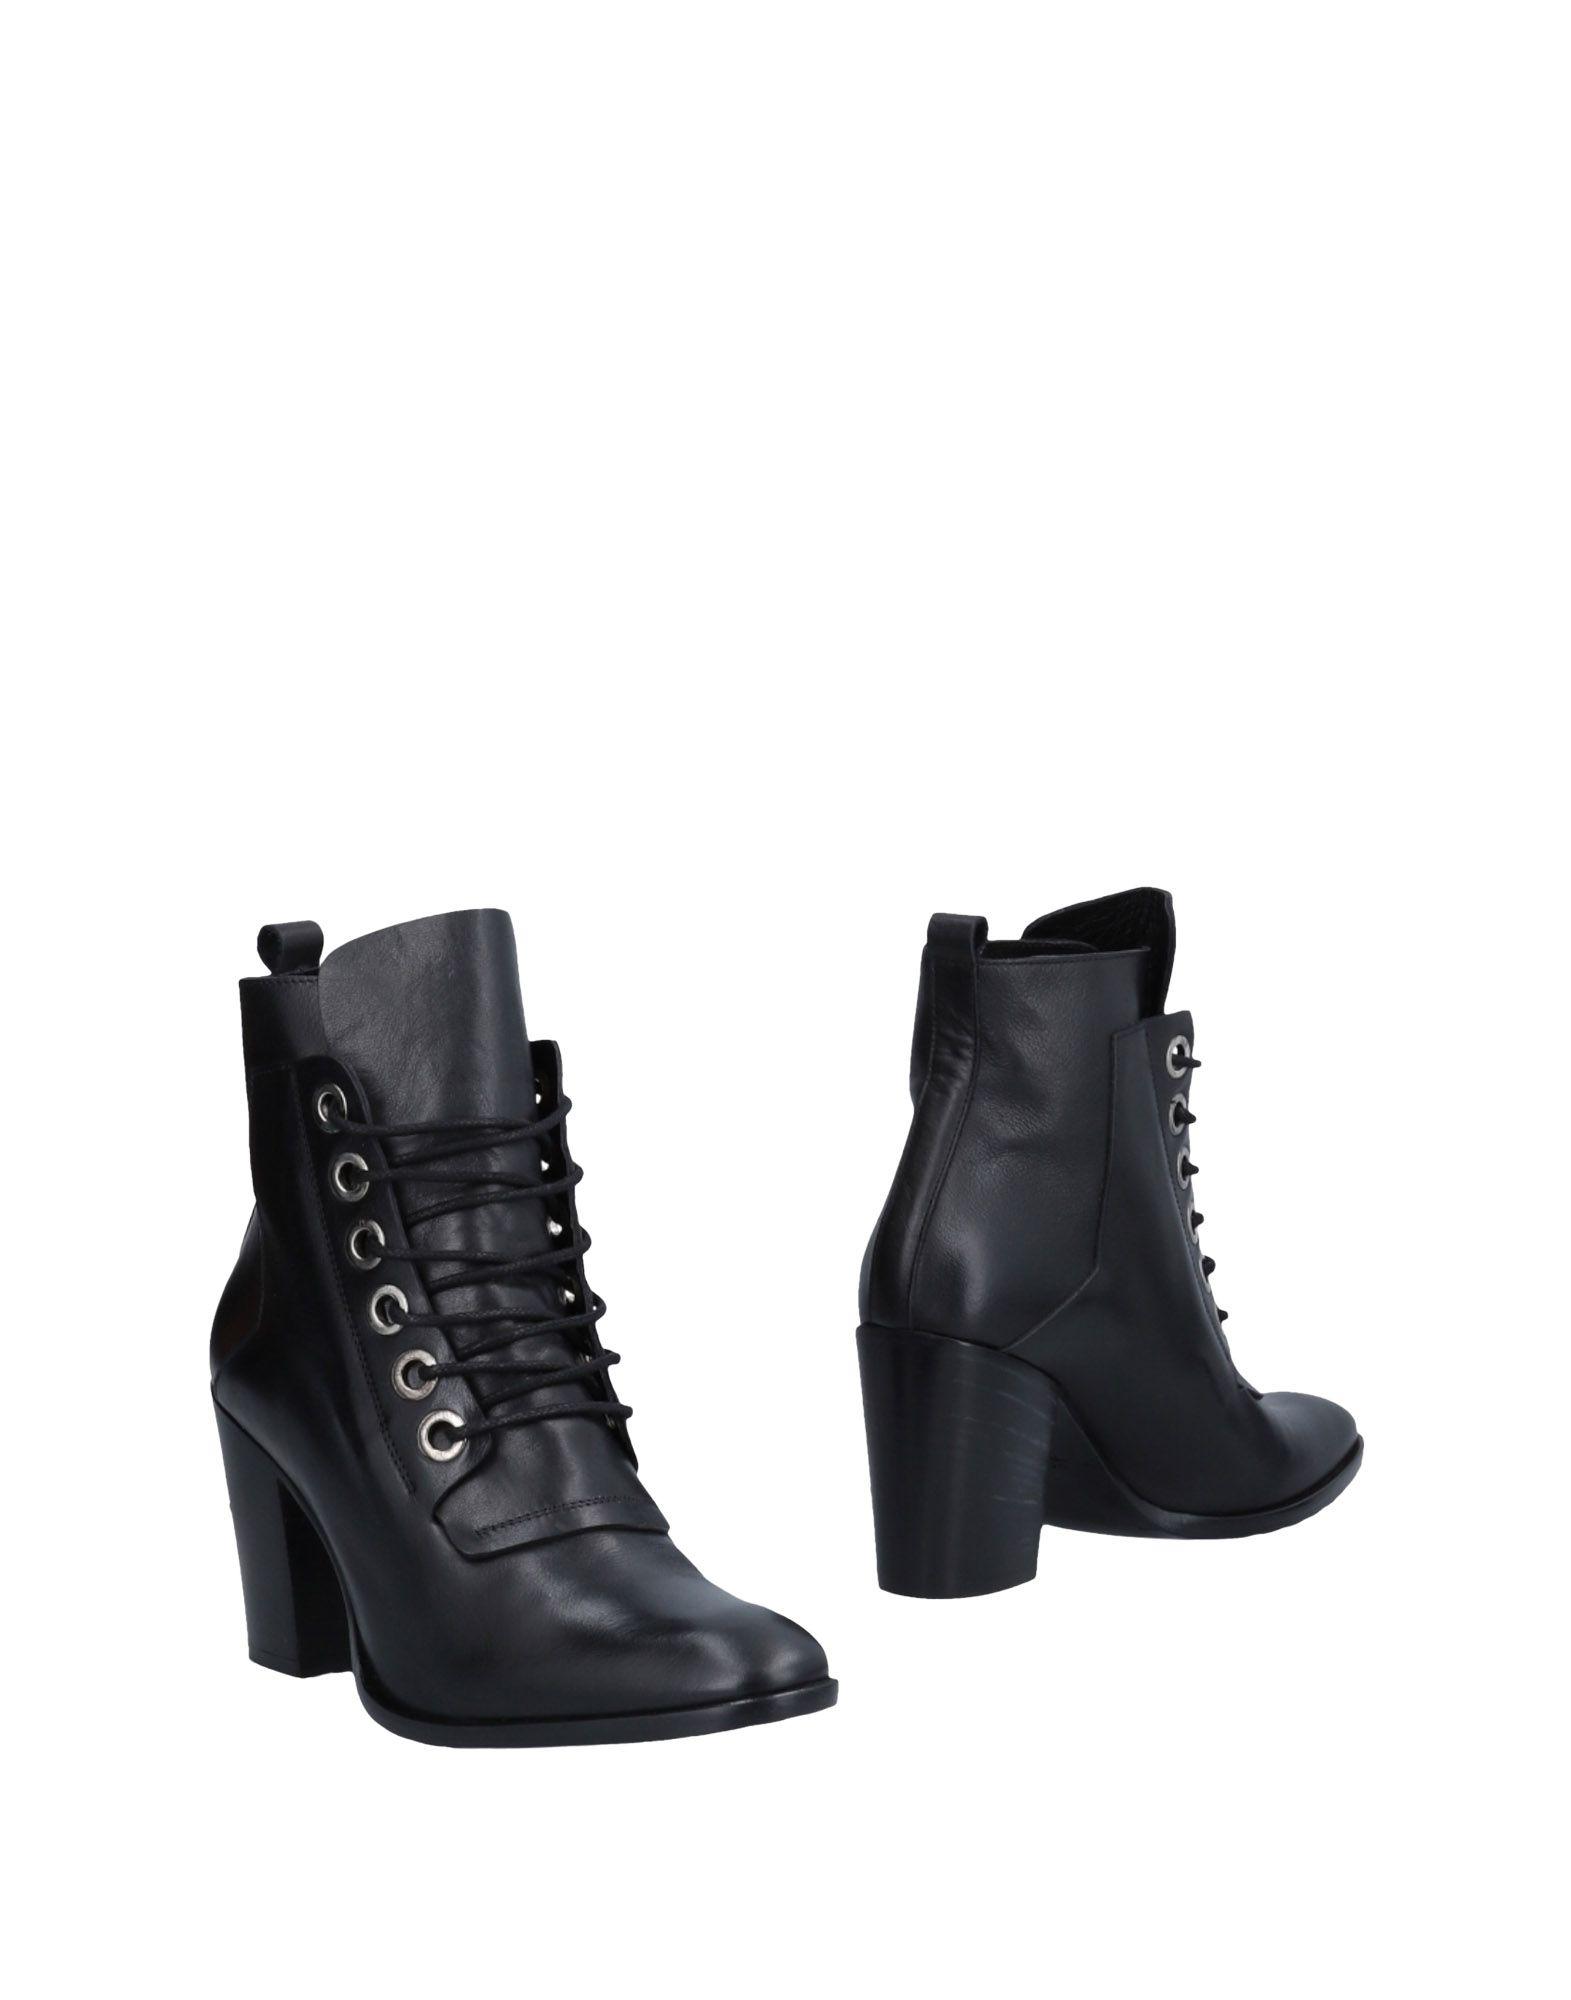 Strategia Stiefelette Damen  11486495NUGut aussehende strapazierfähige Schuhe